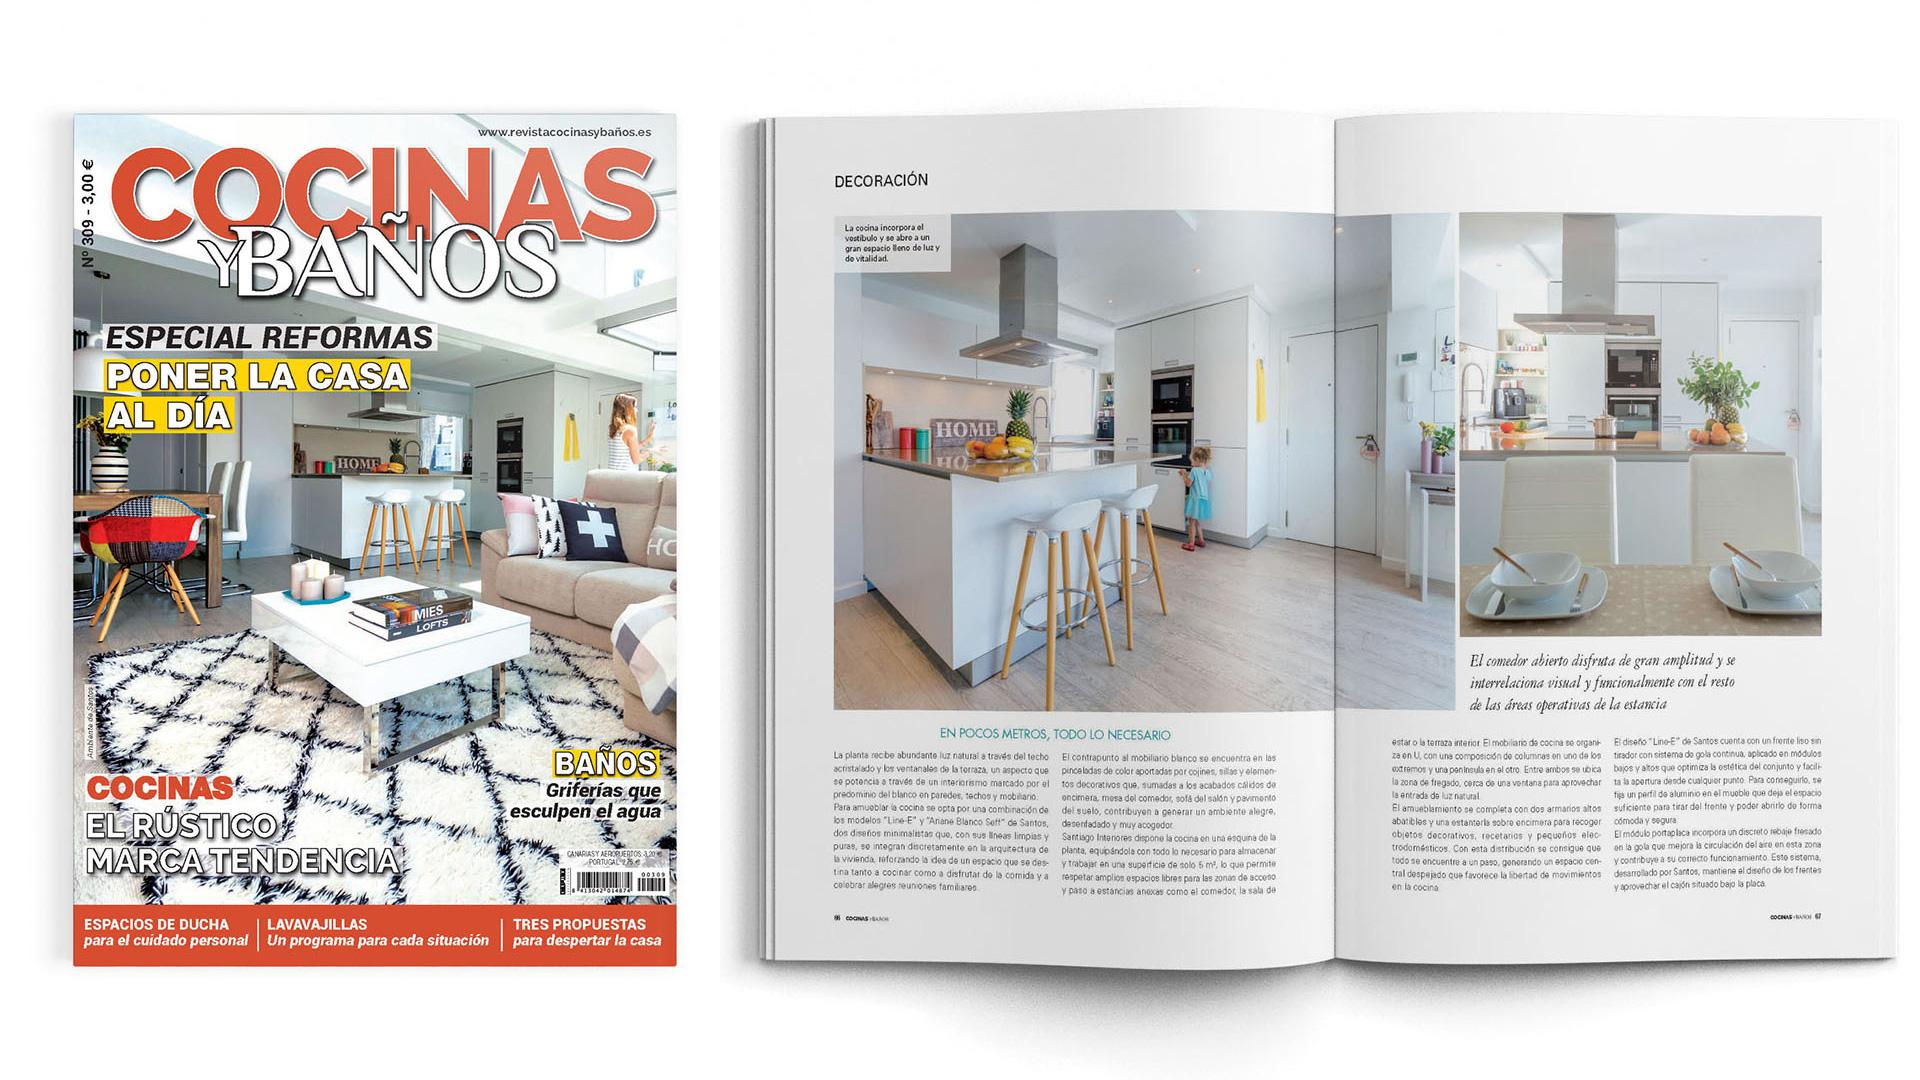 Santiago Interiores en los medios: una cocina abierta | Cocinas Santos | Santiago Interiores | Publicación en Cocinas y Baños